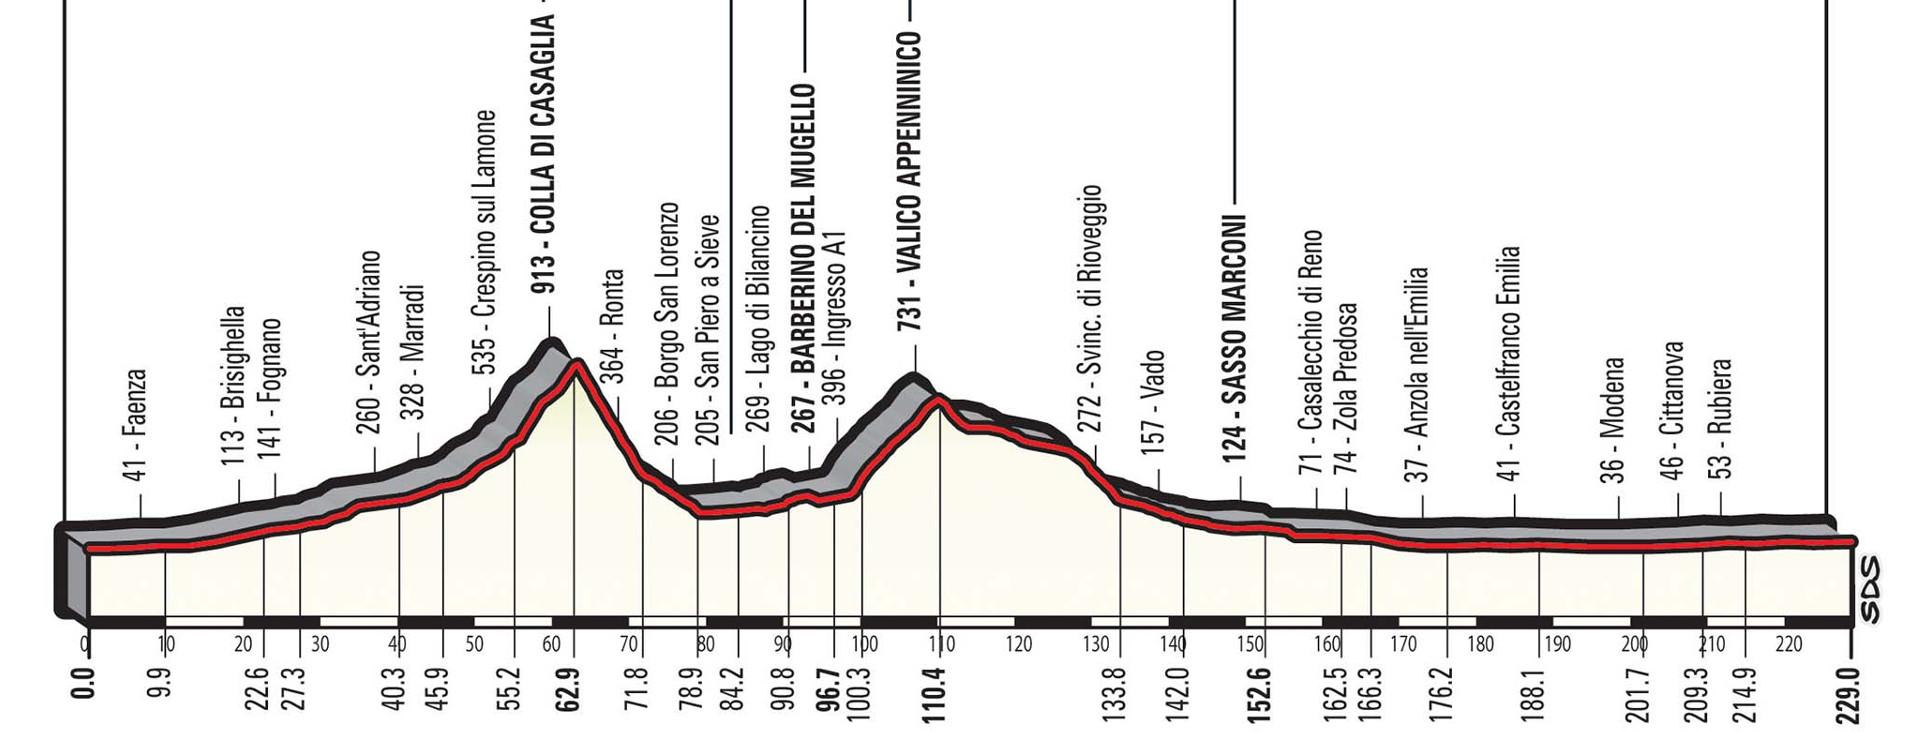 Dal sito del Giro d'Italia